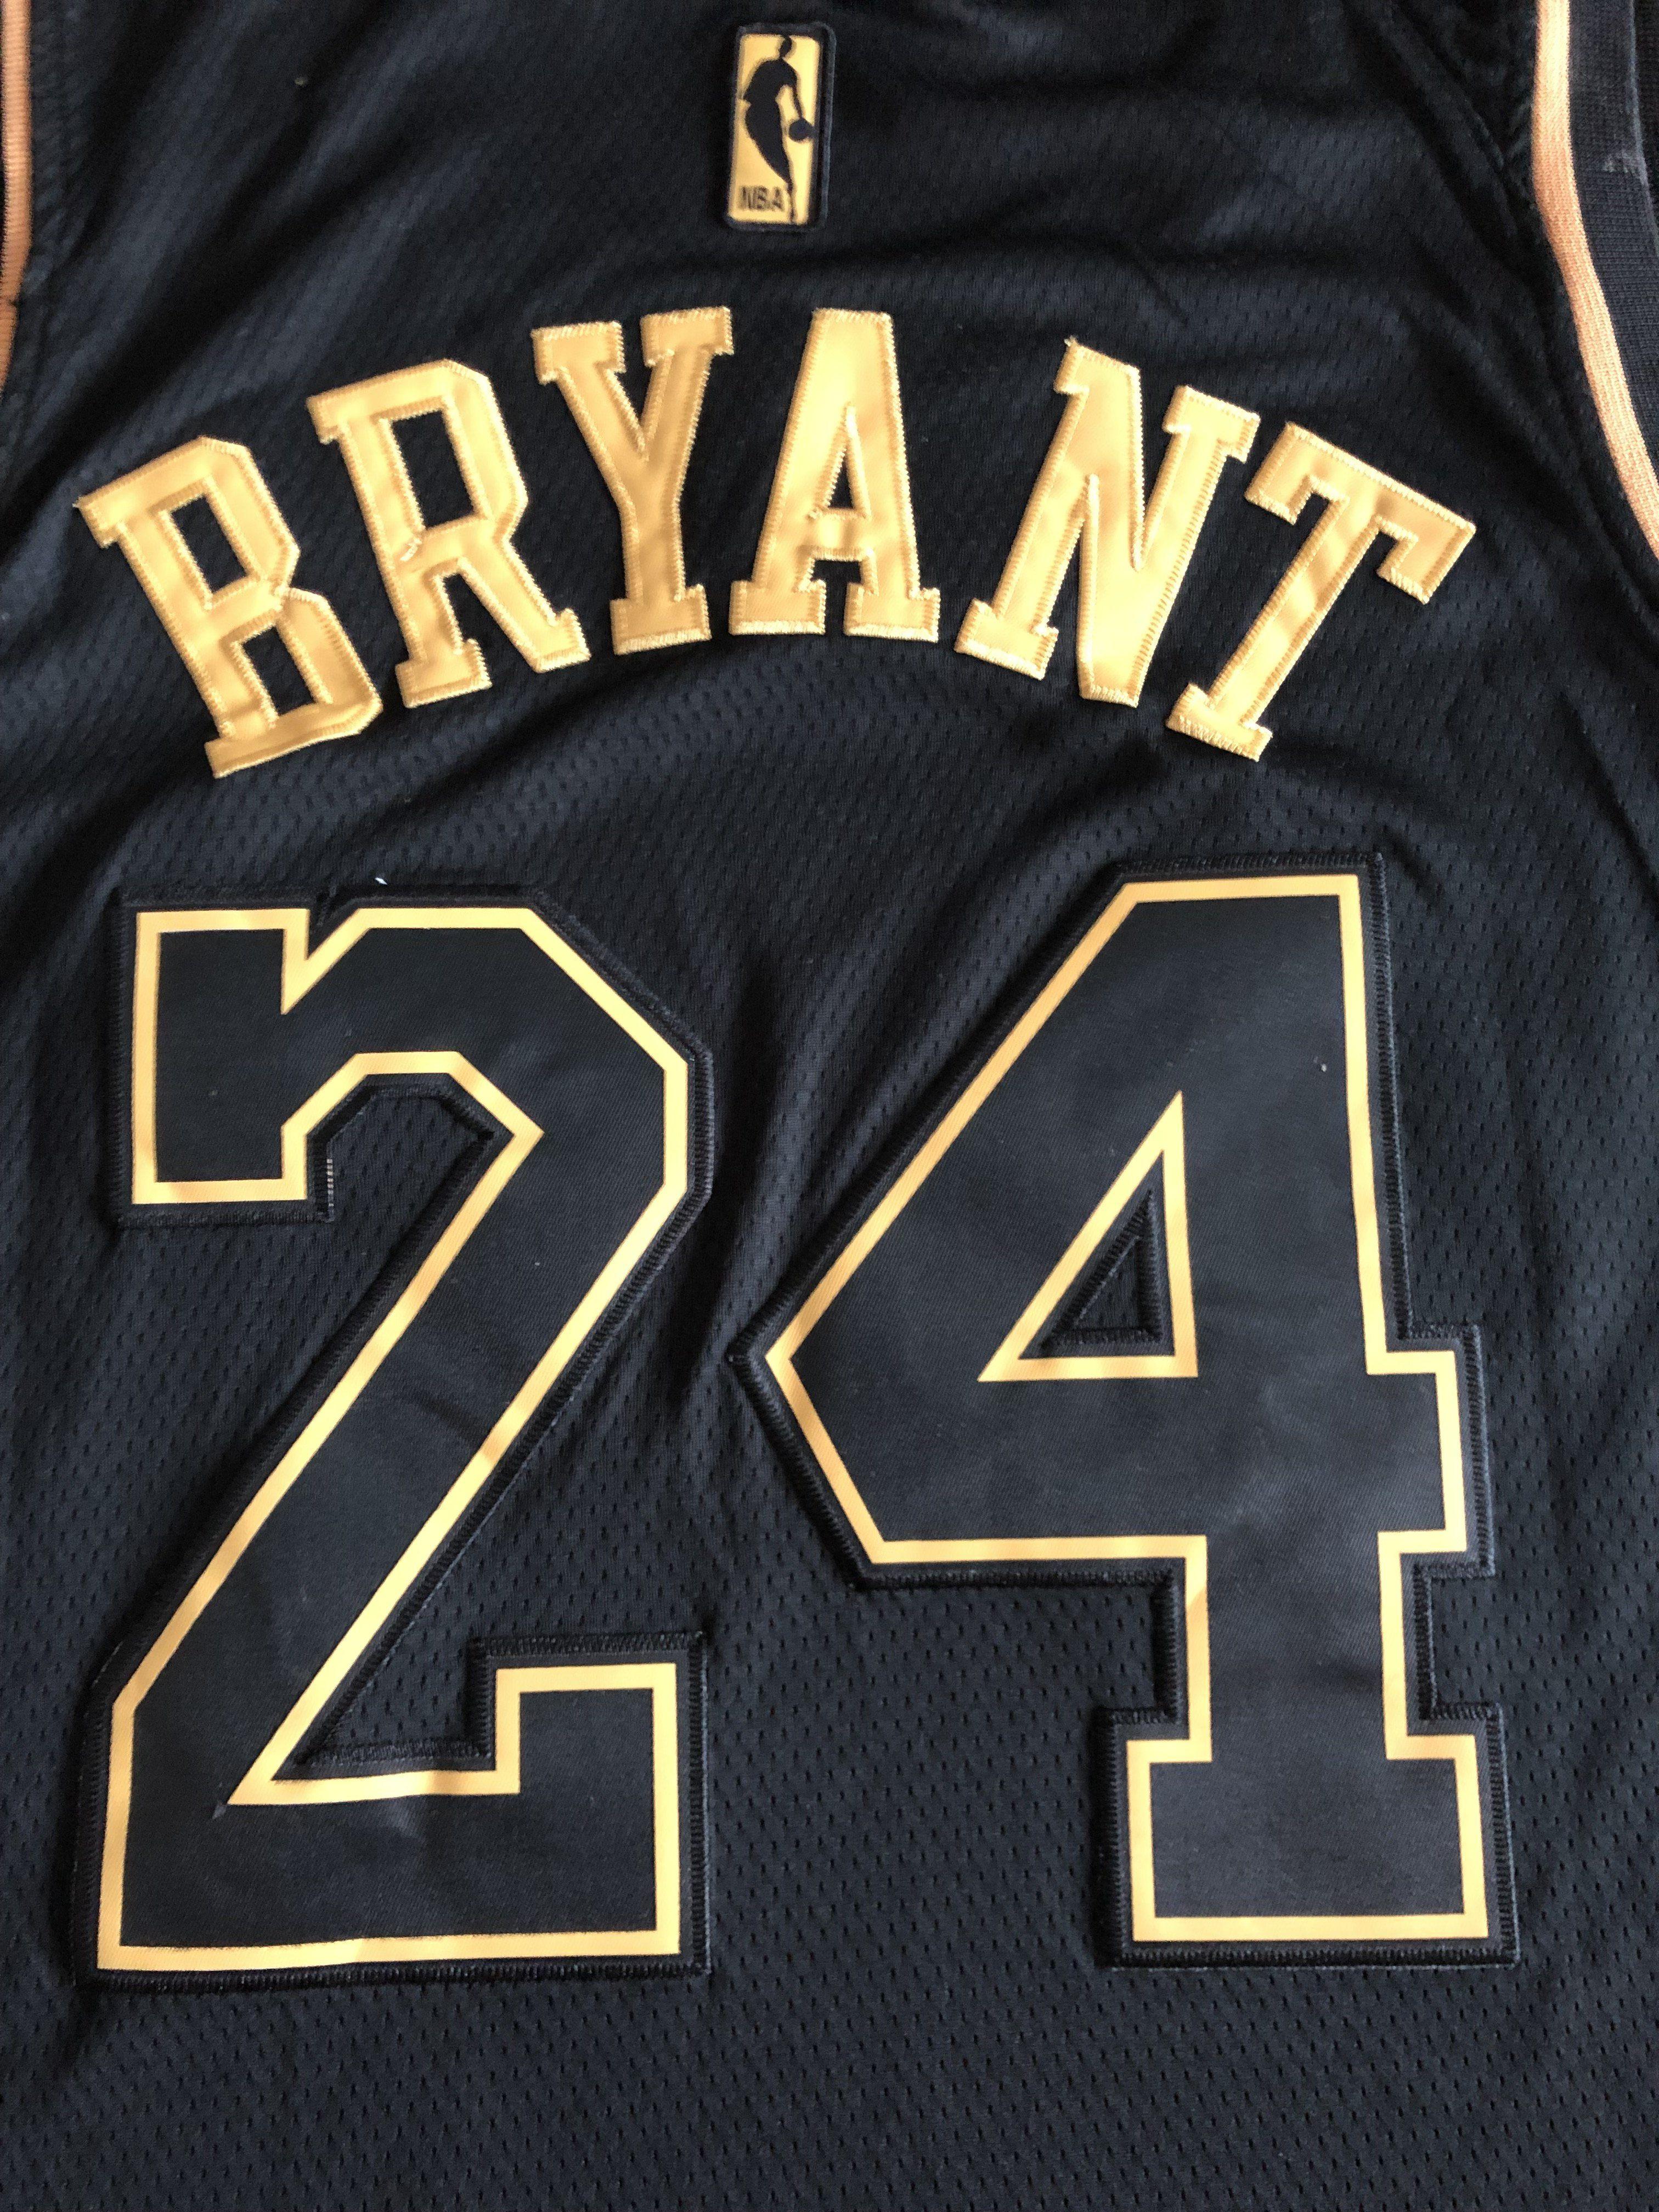 Men 24 Kobe Bryant Jersey Black Gold Los Angeles Lakers Swingman Jerse Nreball In 2020 Nba Jersey Jersey Cheap Nba Jerseys